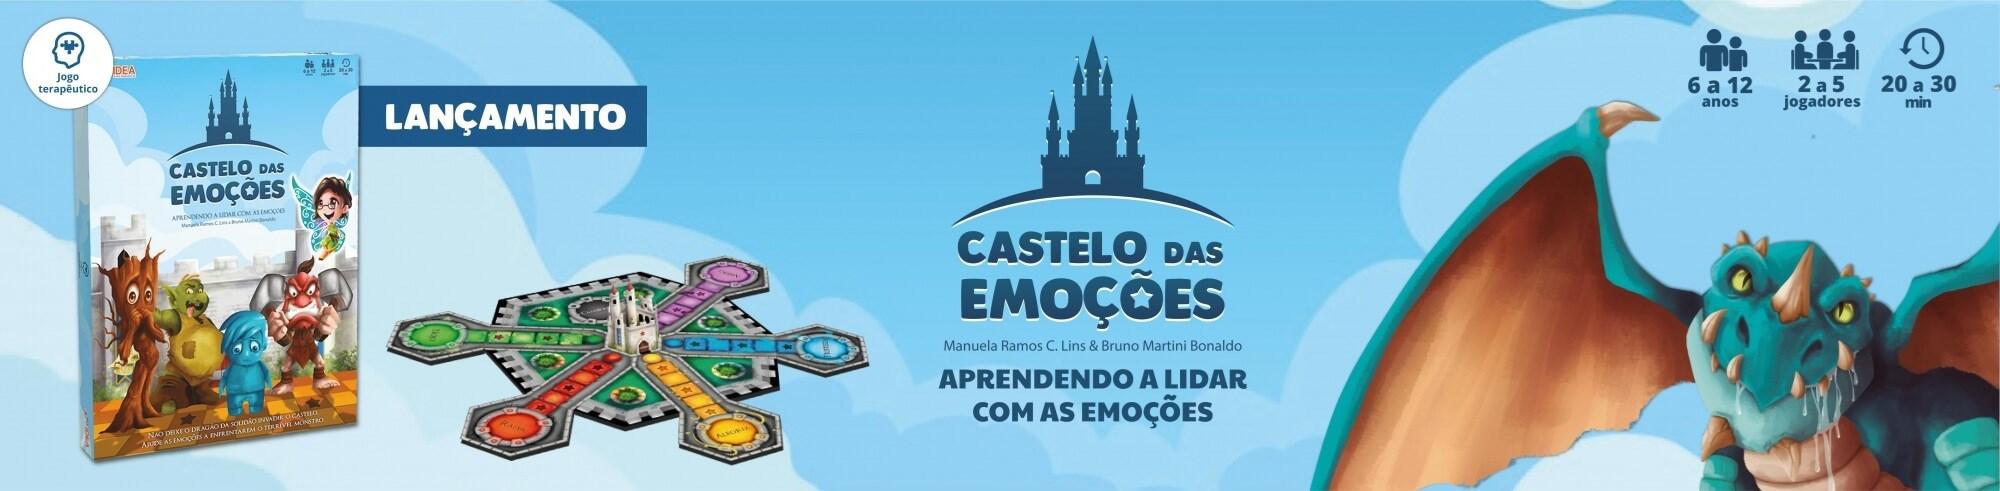 Castelo das Emoções